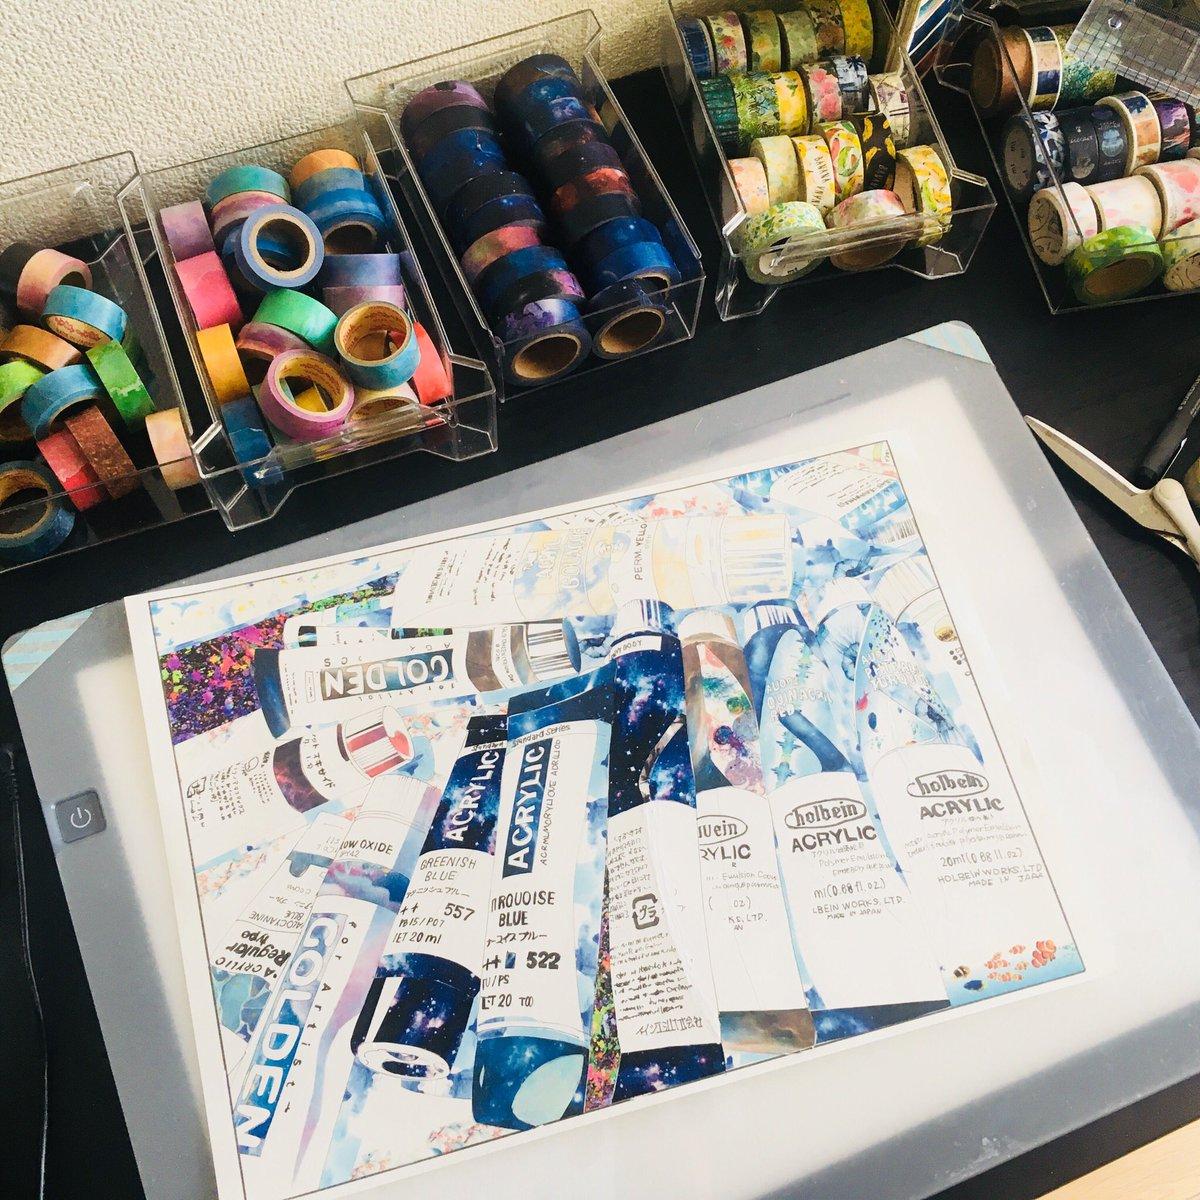 まるで水彩画のよう!マスキングテープで作られた絵の具の絵にうっとり